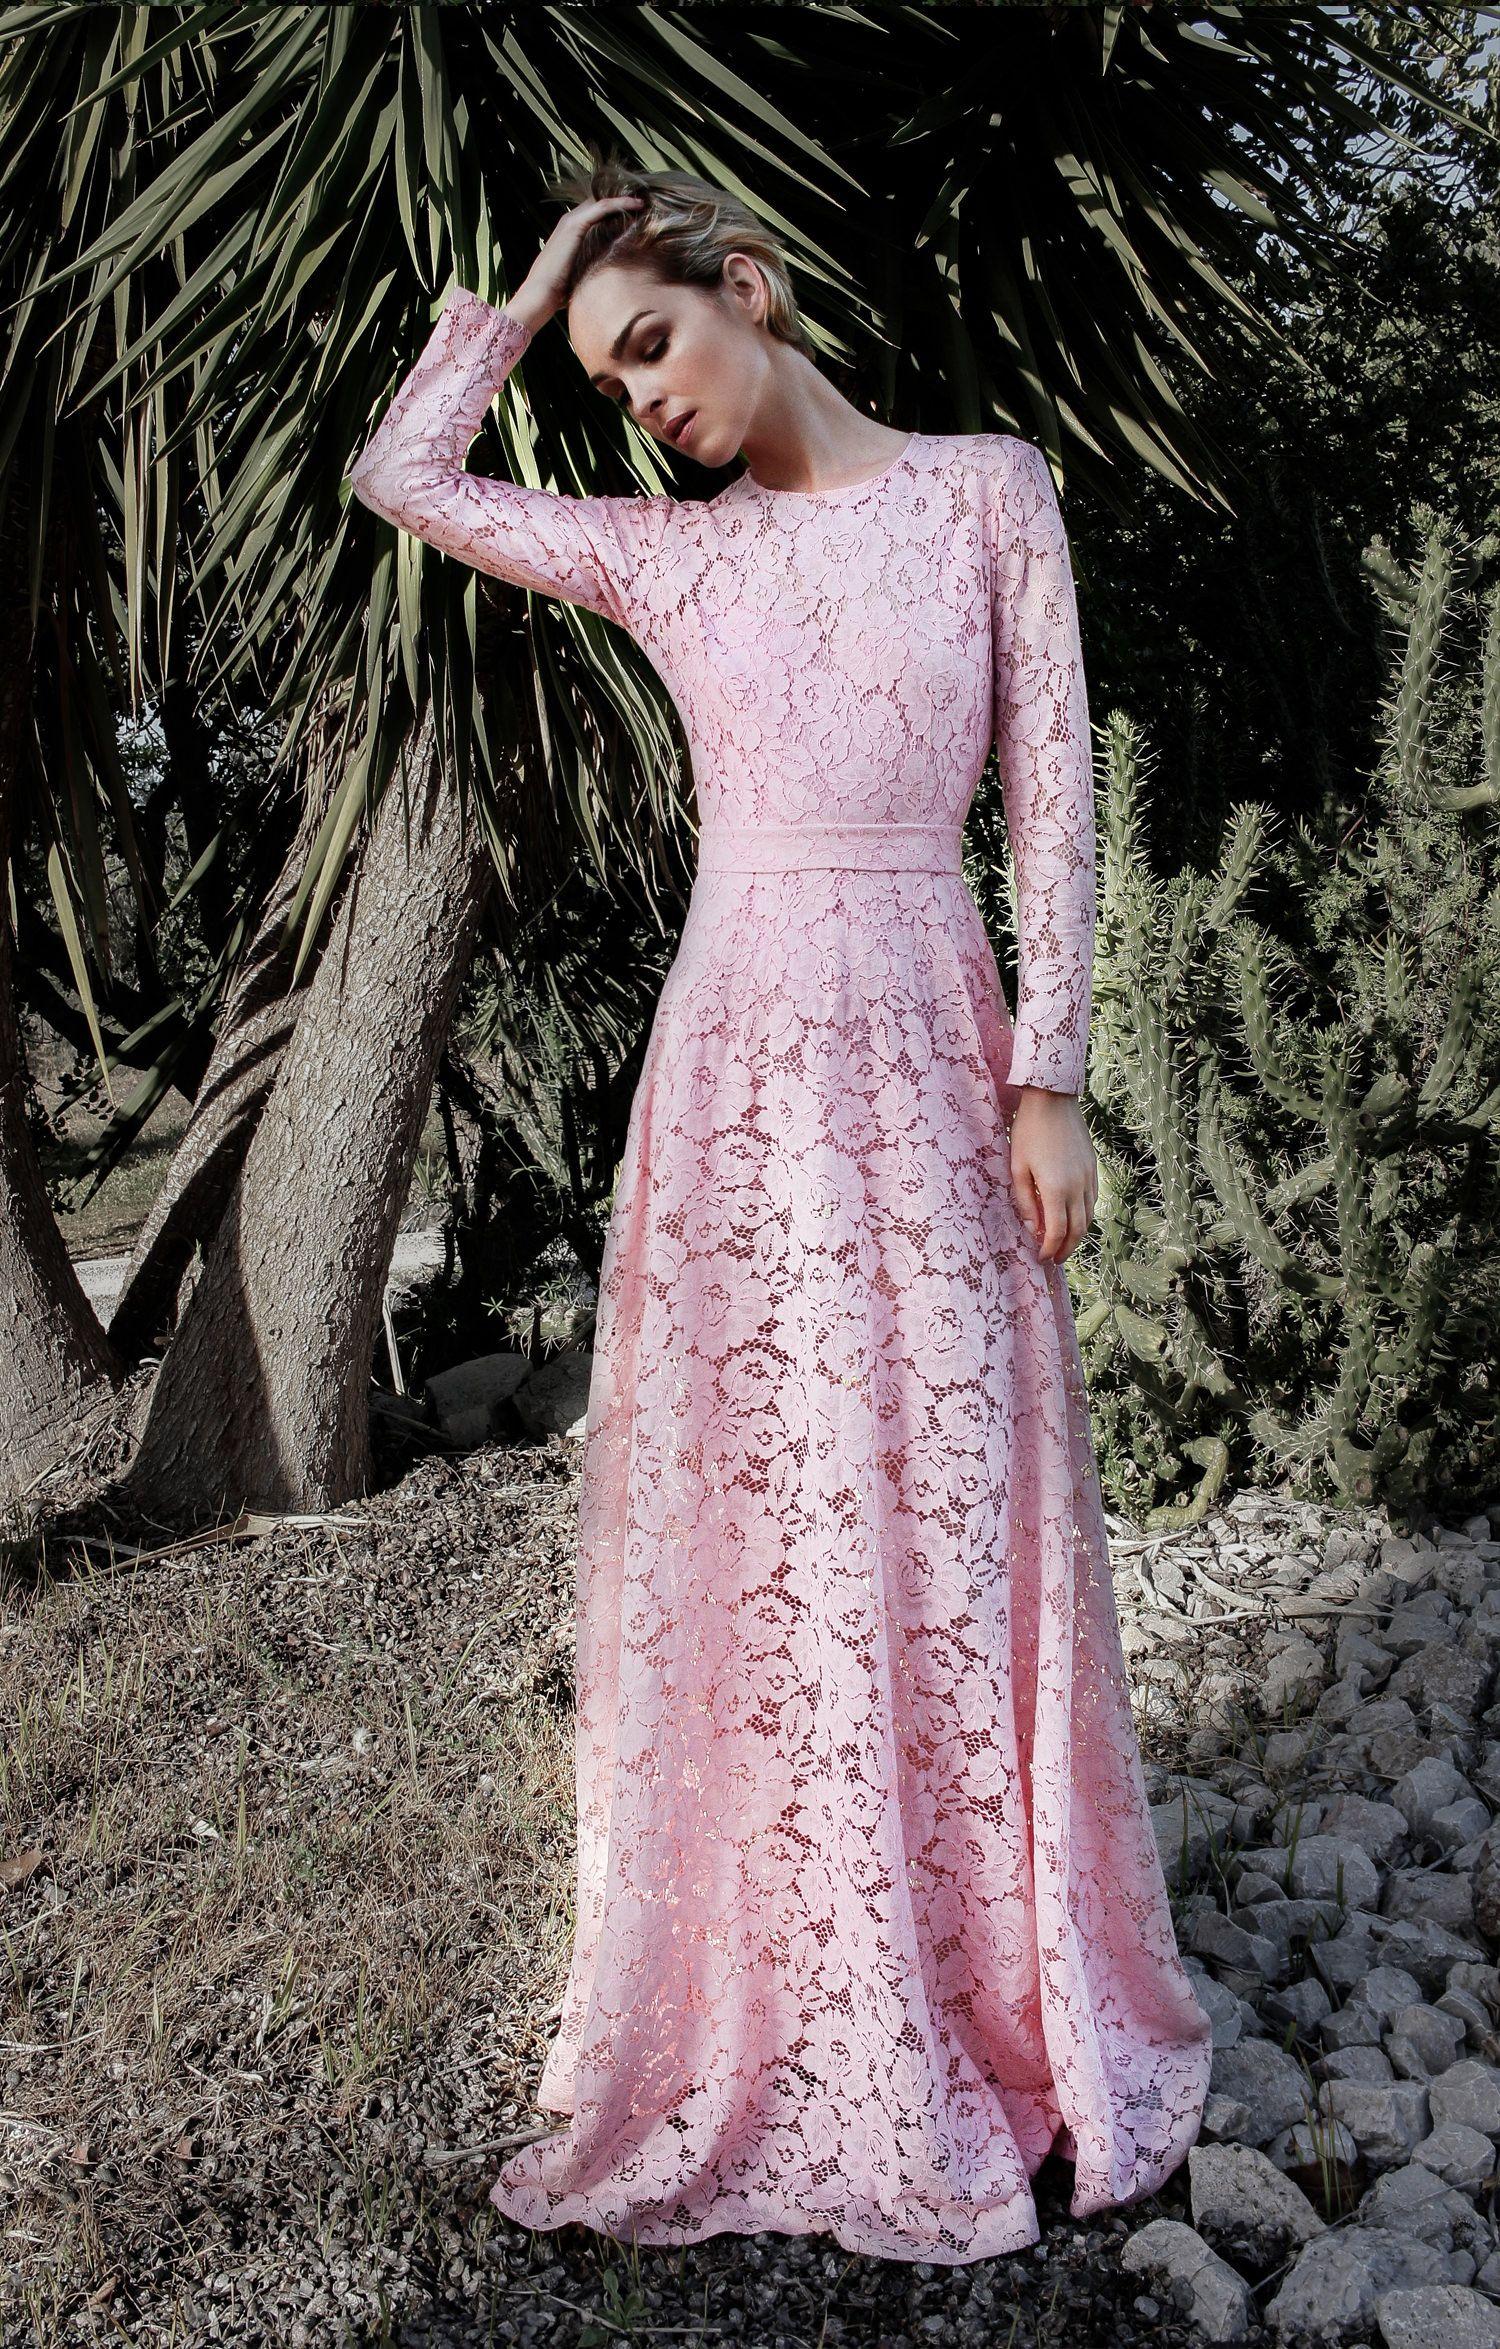 Designer Spitzenkleid  Designer kleider, Rosa kleid, Kleid mit ärmel